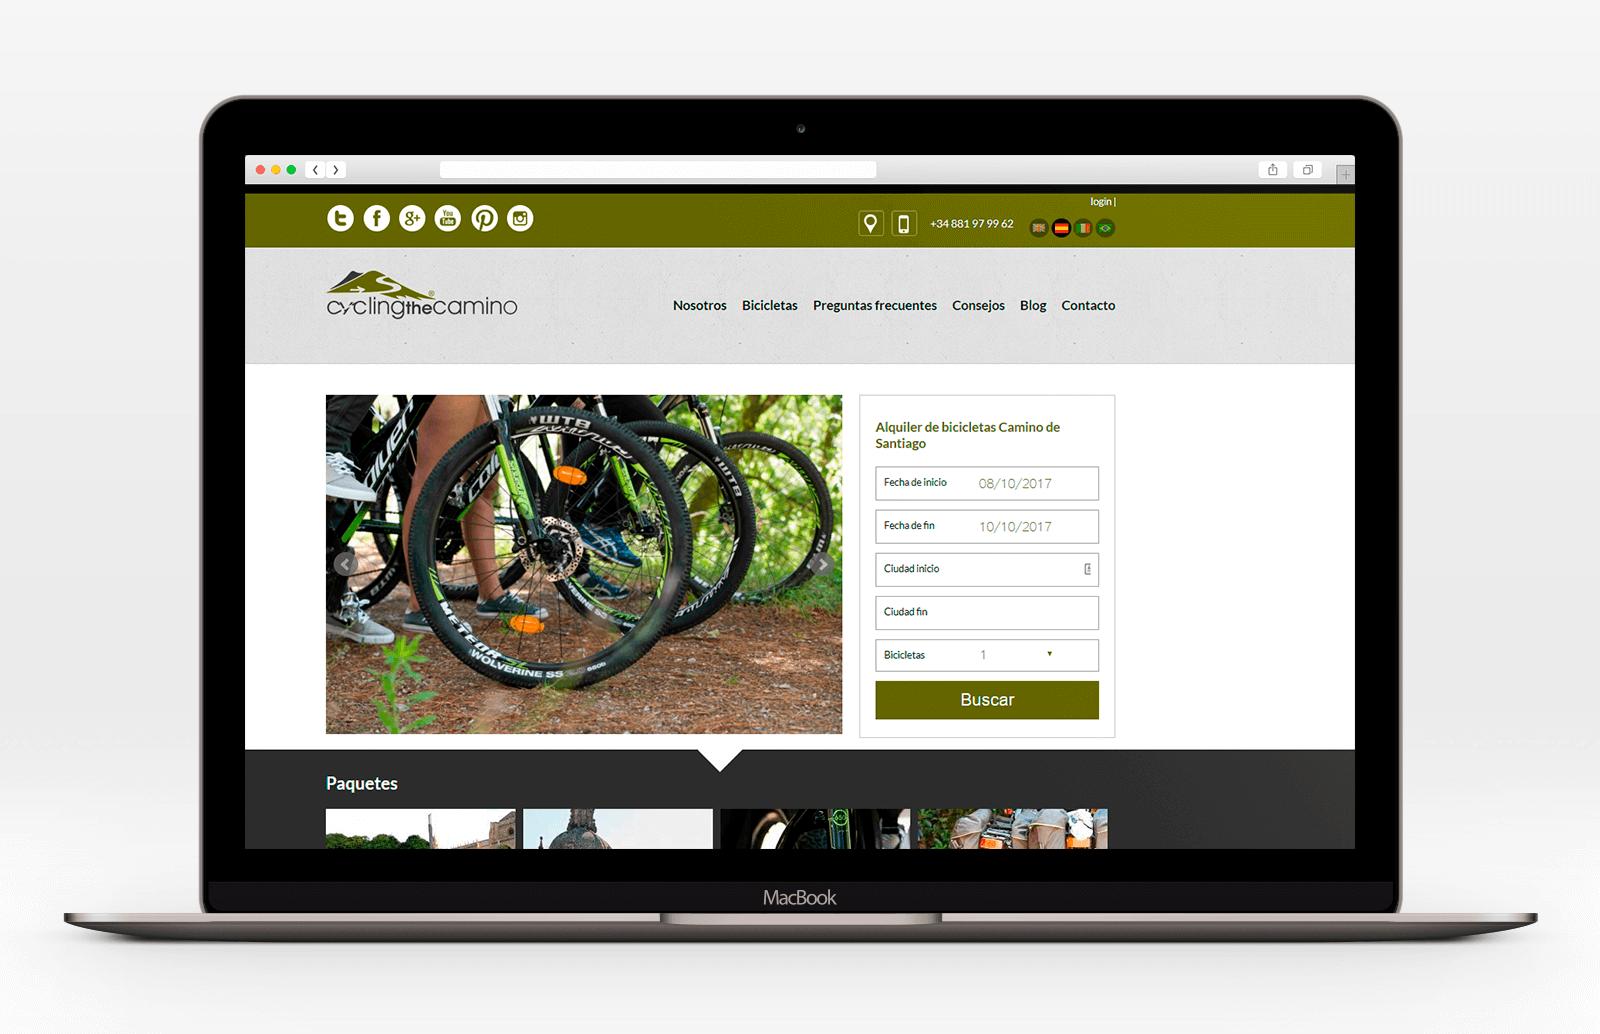 cyclingthecamino.com